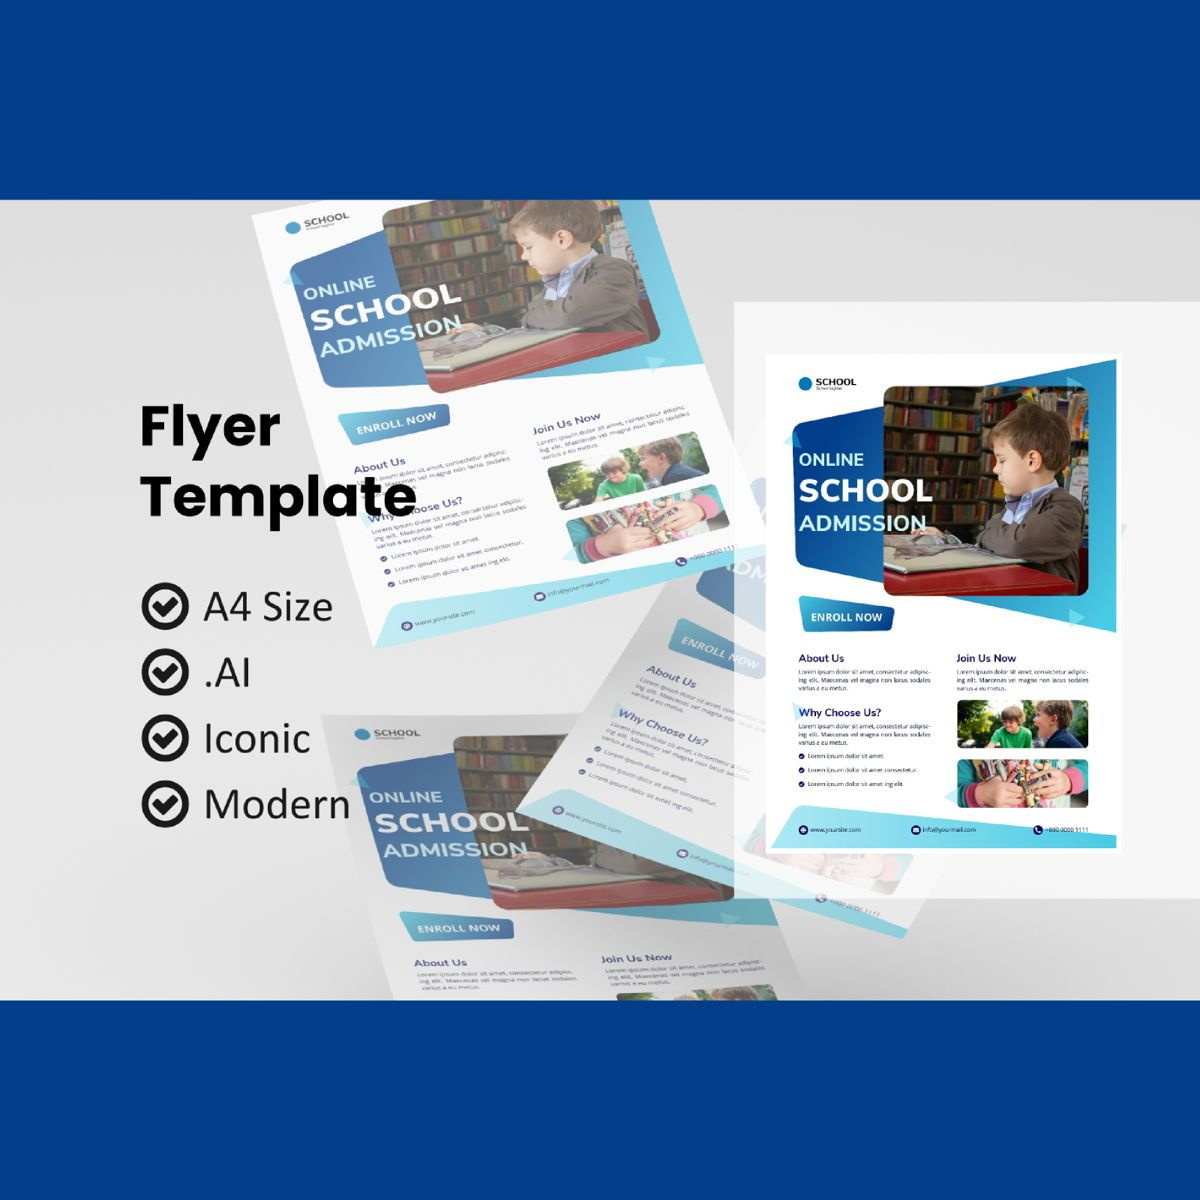 School online class flyer template, 08989, Education & Training — PoweredTemplate.com